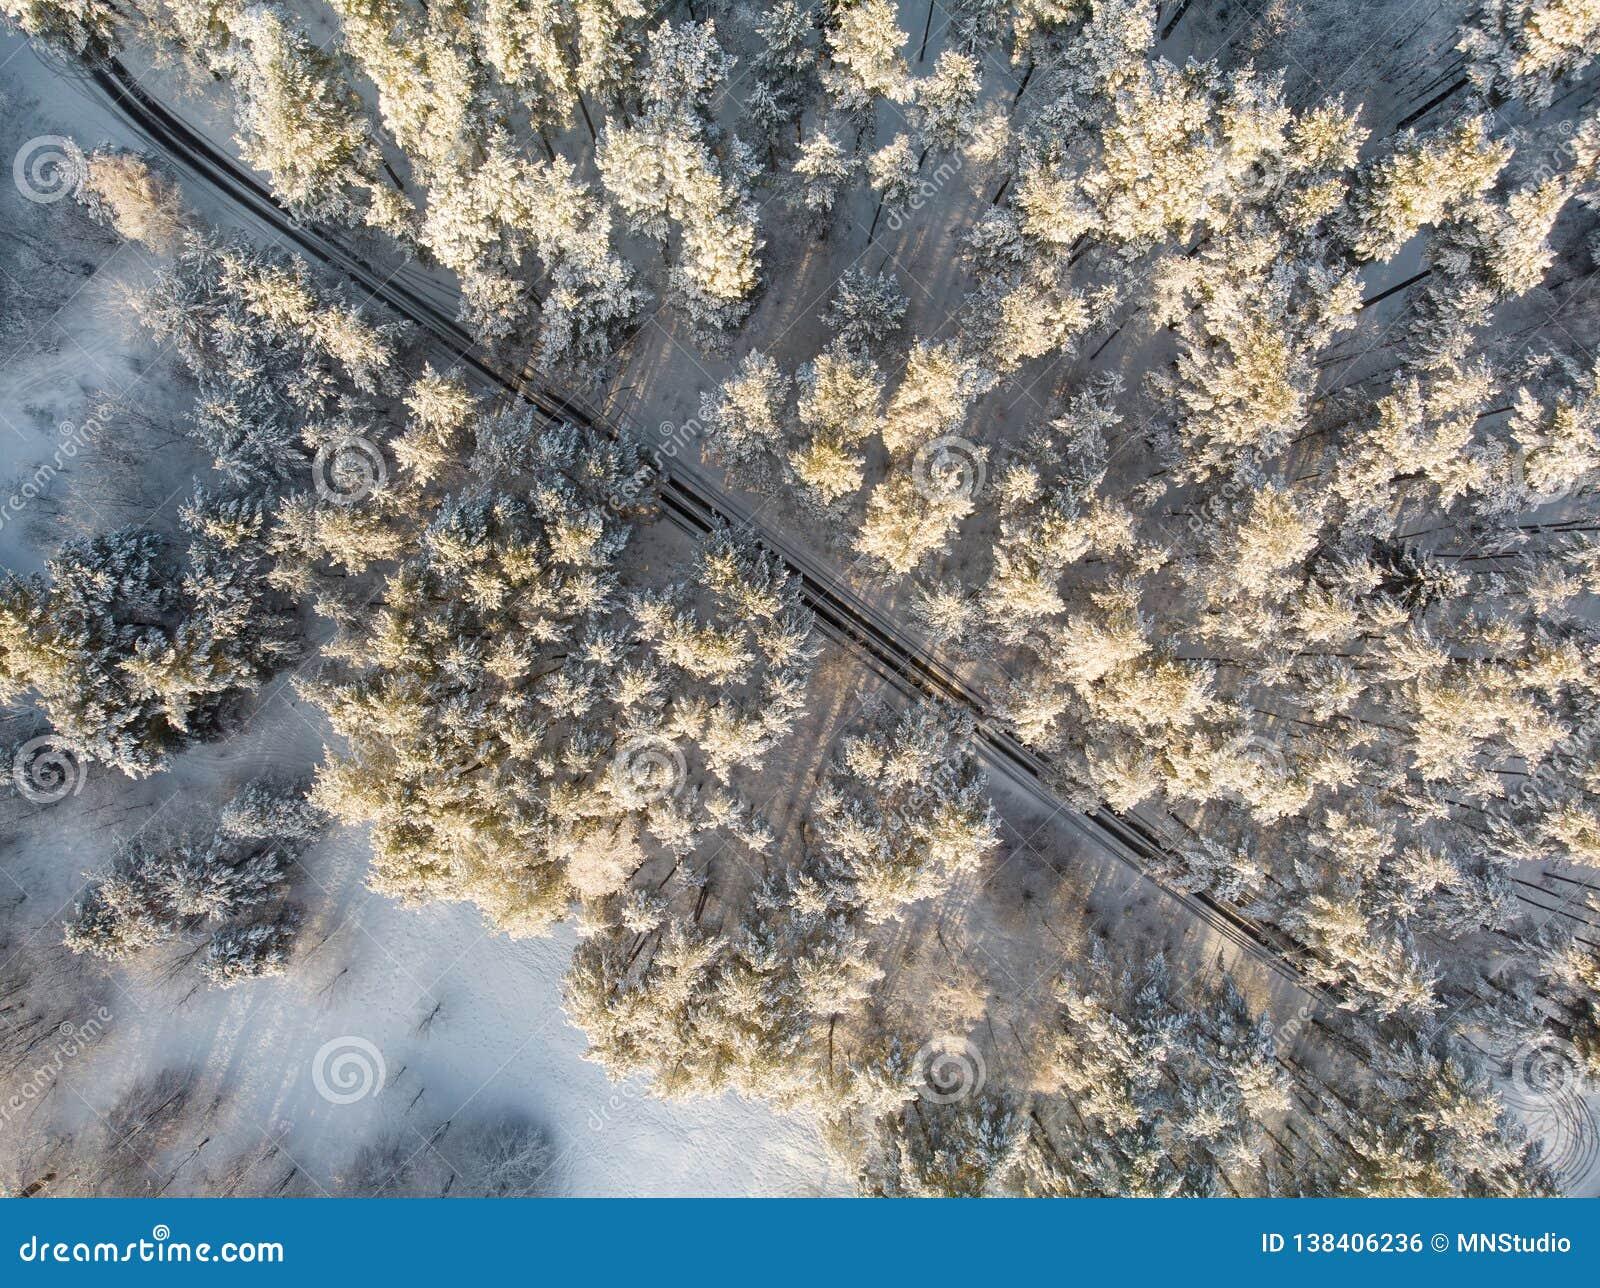 Красивый вид с воздуха сосновых лесов покрытых снегом и замотка дороги среди деревьев Рифмуют лед и налет инея покрывая деревья З